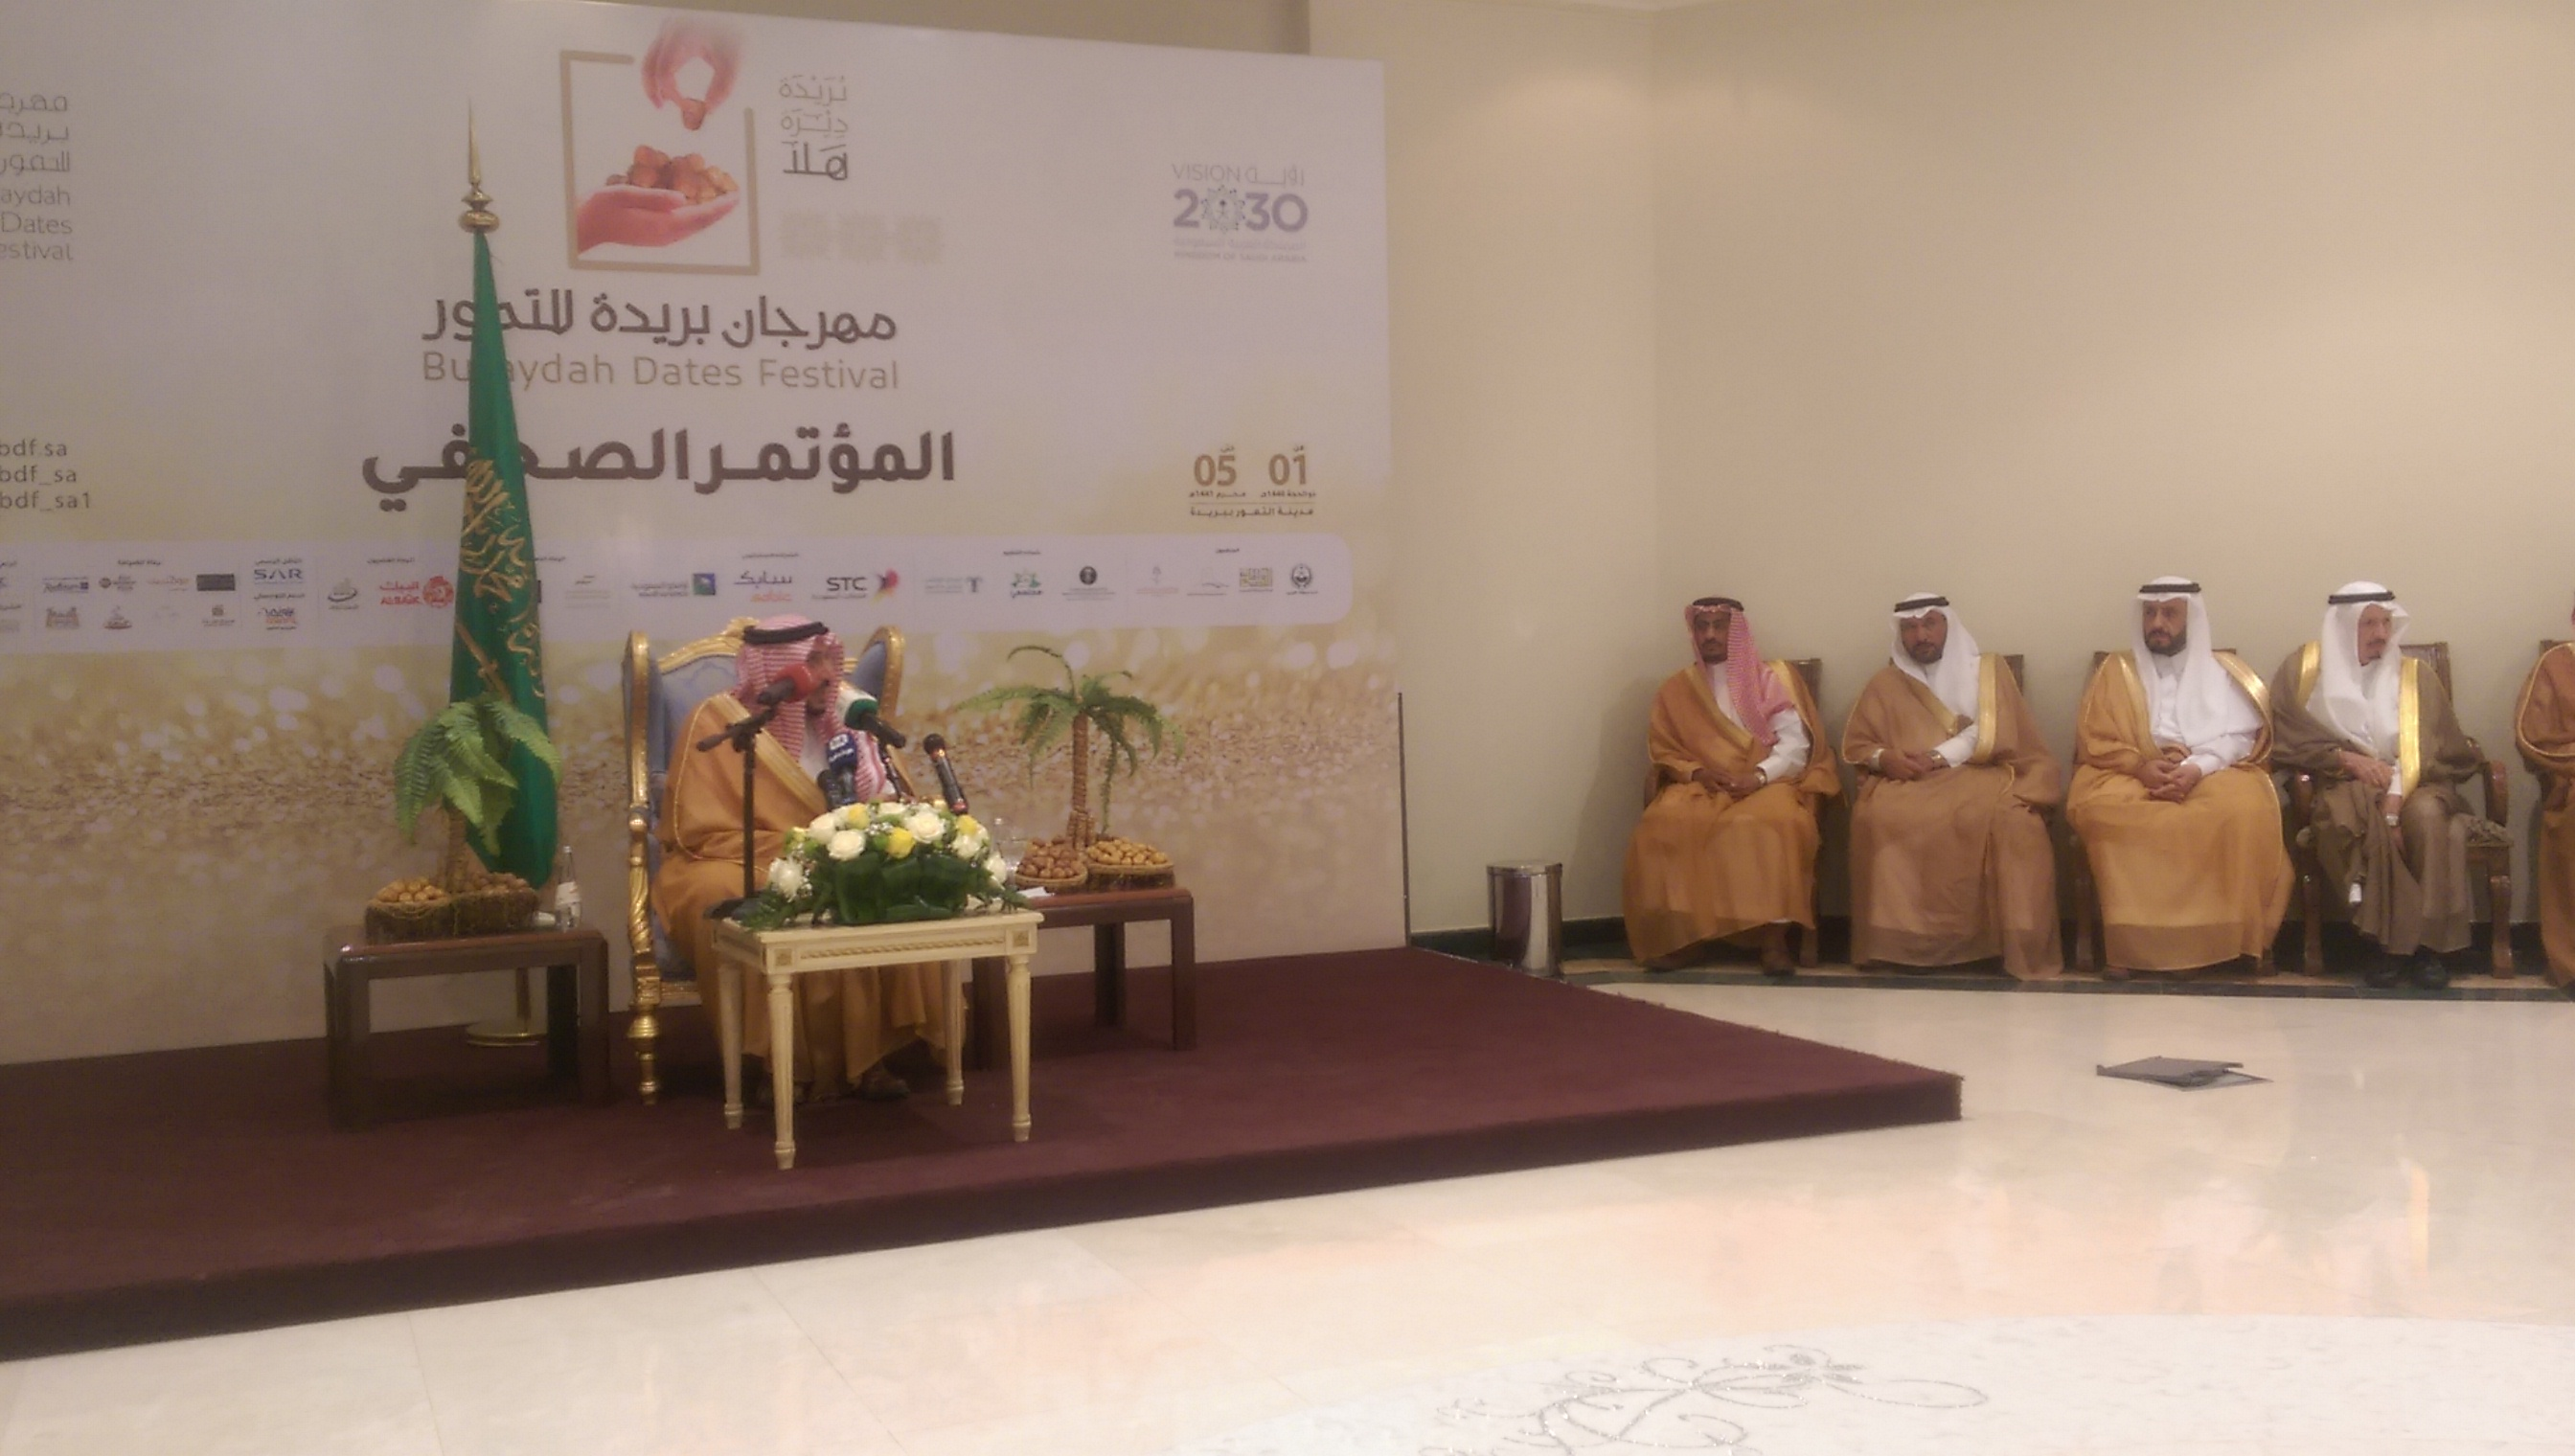 اخبار السعودية اليوم أمير القصيم: لدينا قاعدة ضخمة لإنتاج التمور قوامها 300 ألف طن سنويًّا